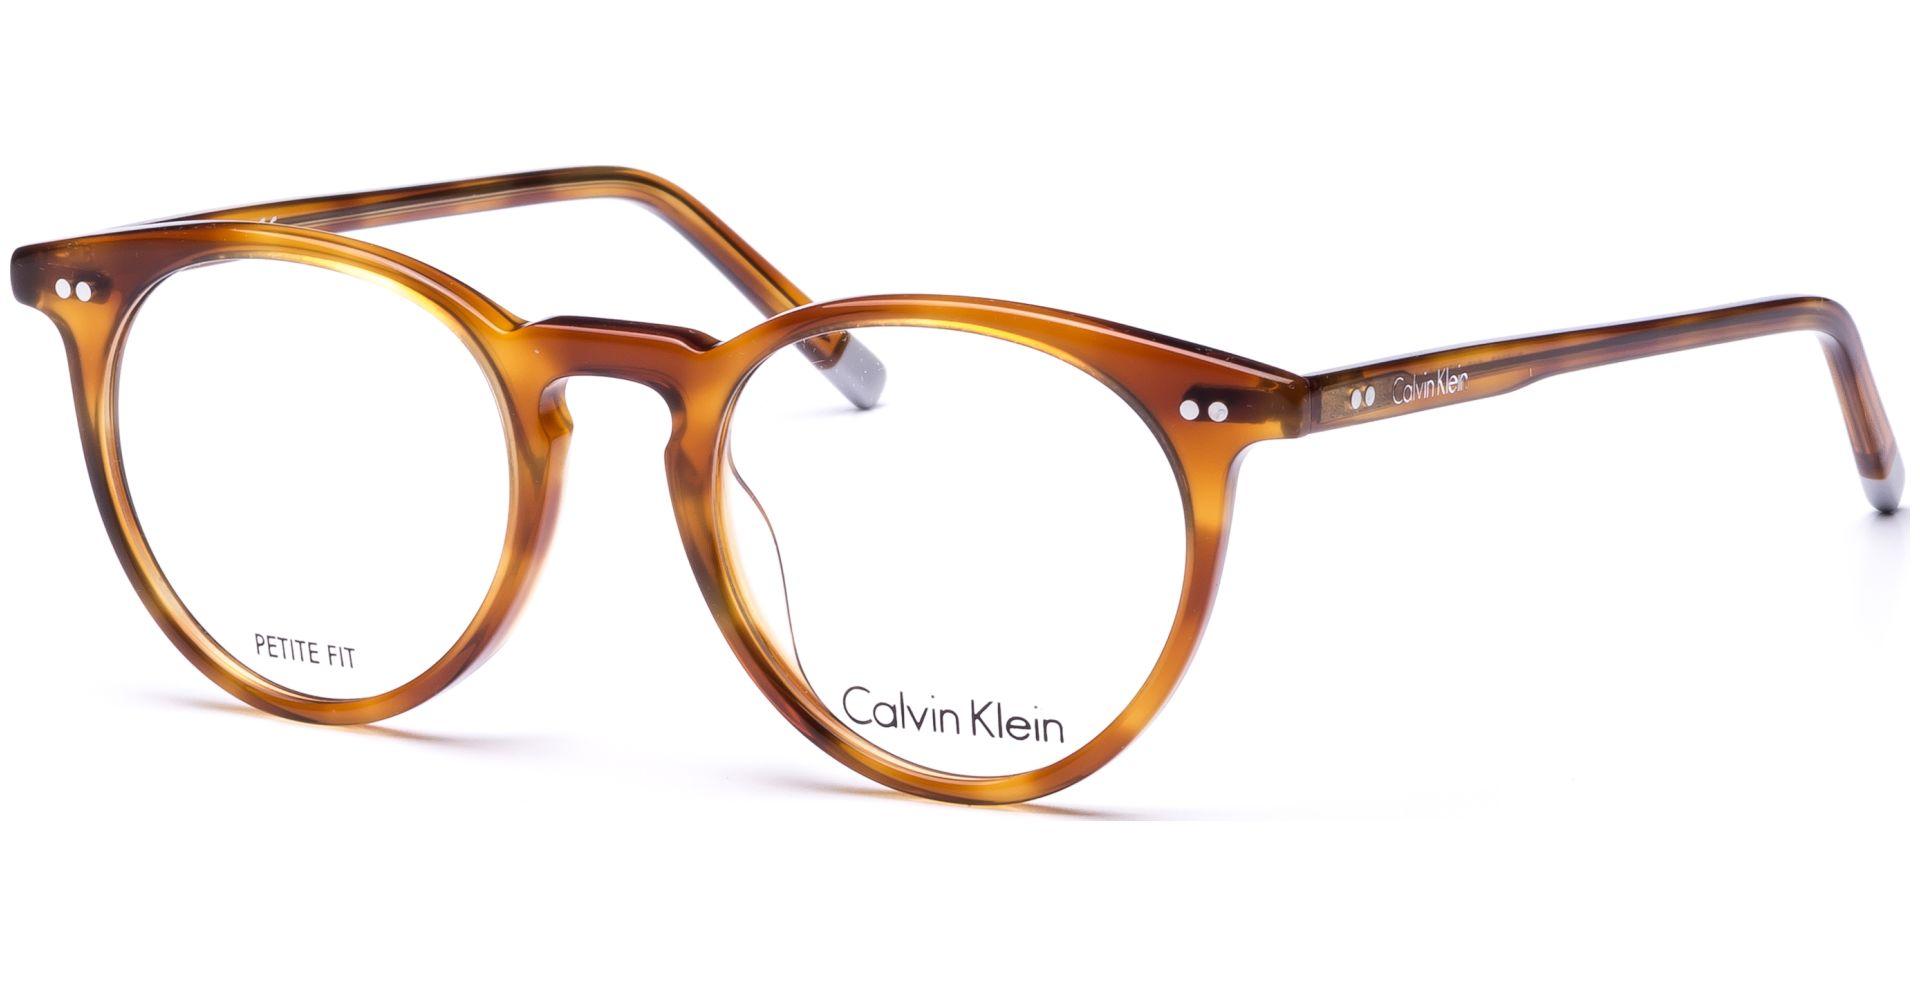 ck Calvin Klein - CK Platinum ck5937 213 4719 BLONDE HAVANA - von ...